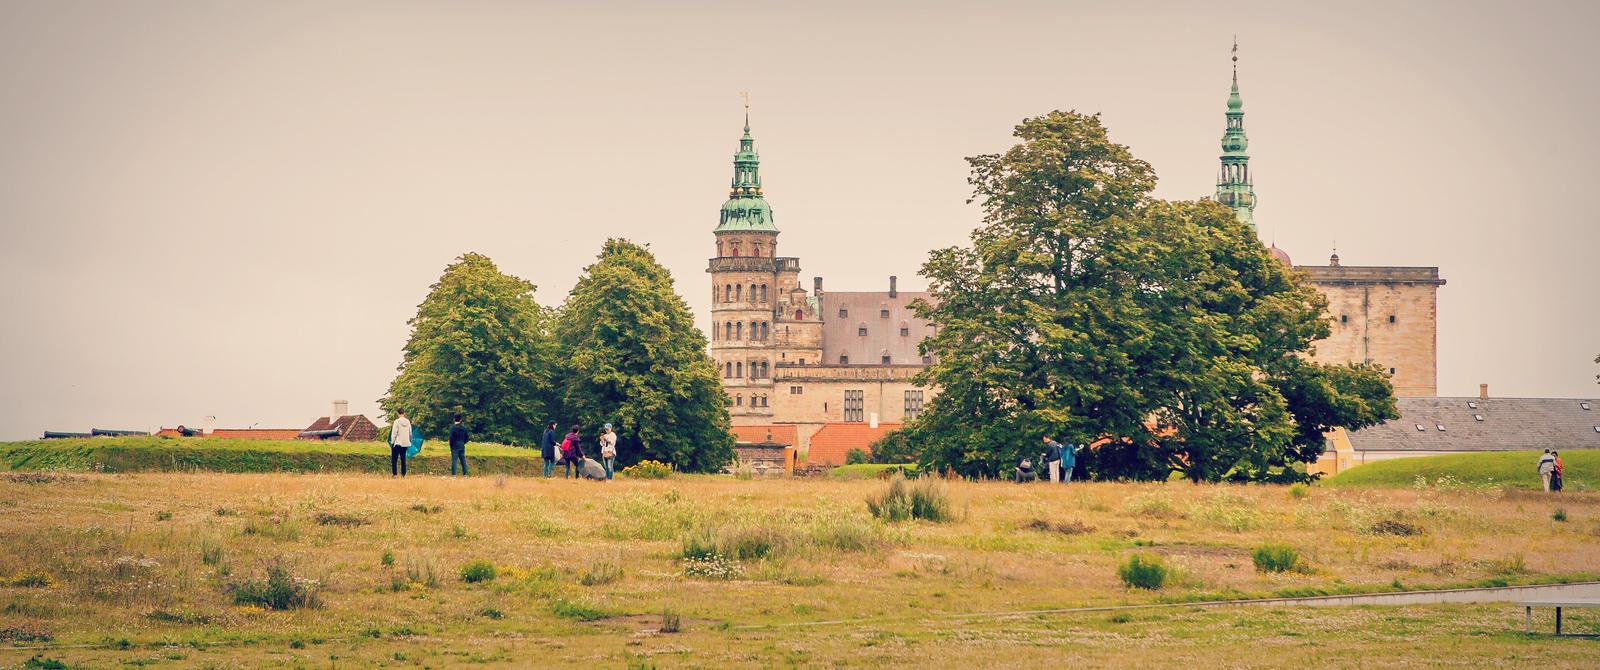 丹麦腓特烈堡城堡,周边的景色